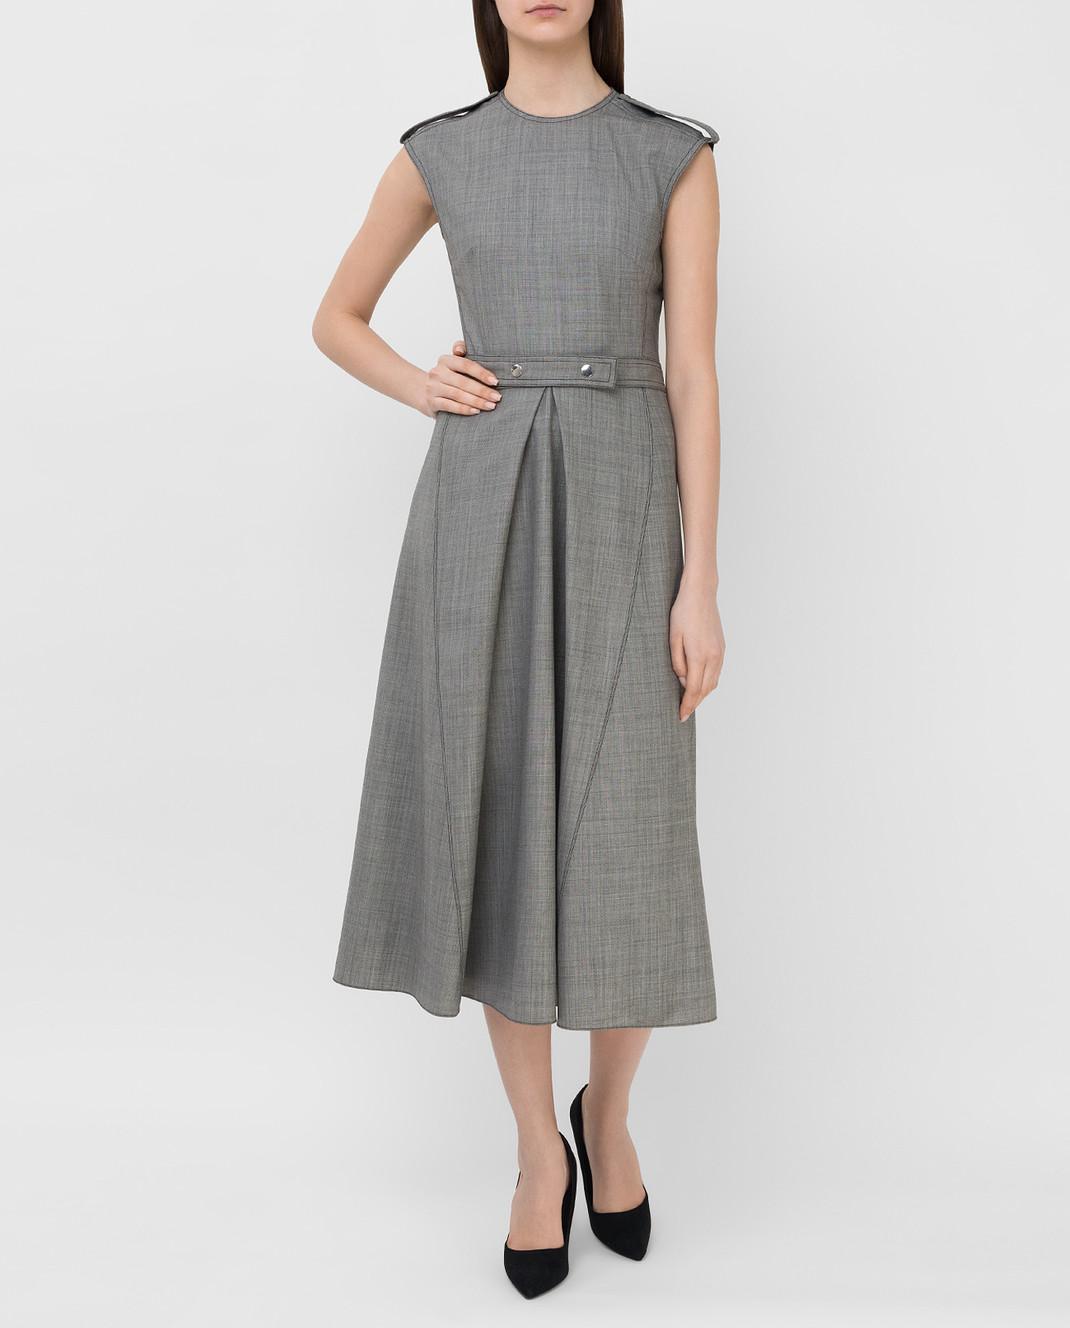 Victoria Beckham Серое платье из шерсти DRMID6602 изображение 2